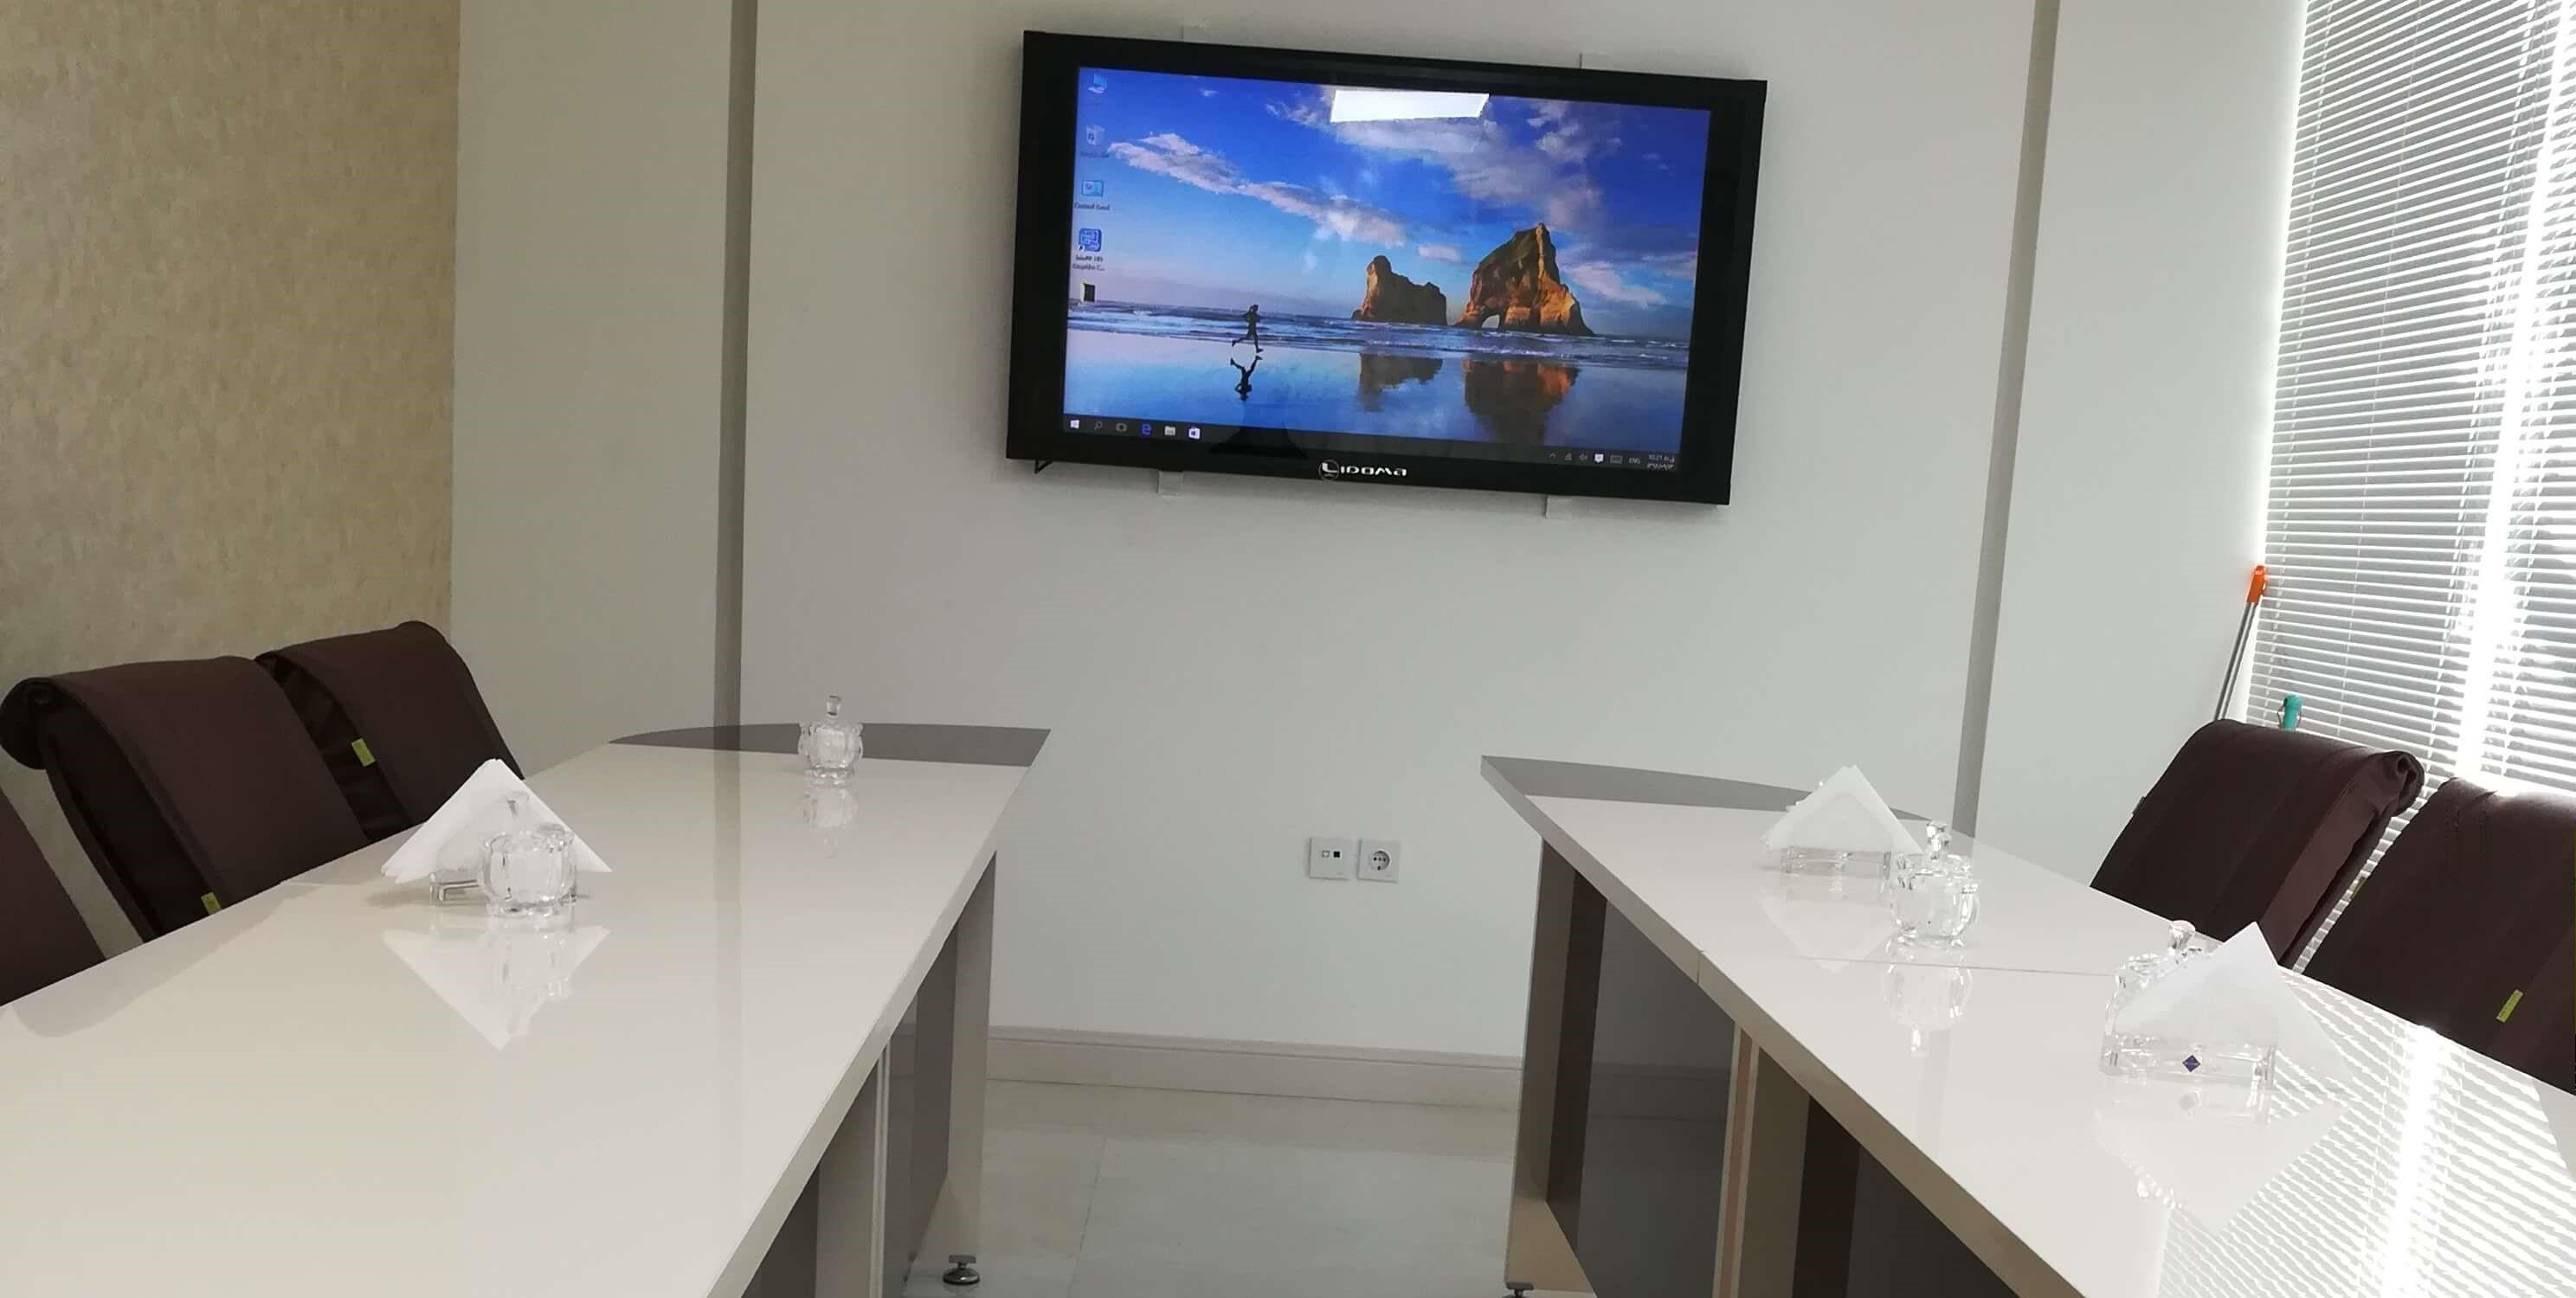 نمایشگر لمسی دیواری مسطح 55 اینچ استفاده شده در اتاق کنفرانس